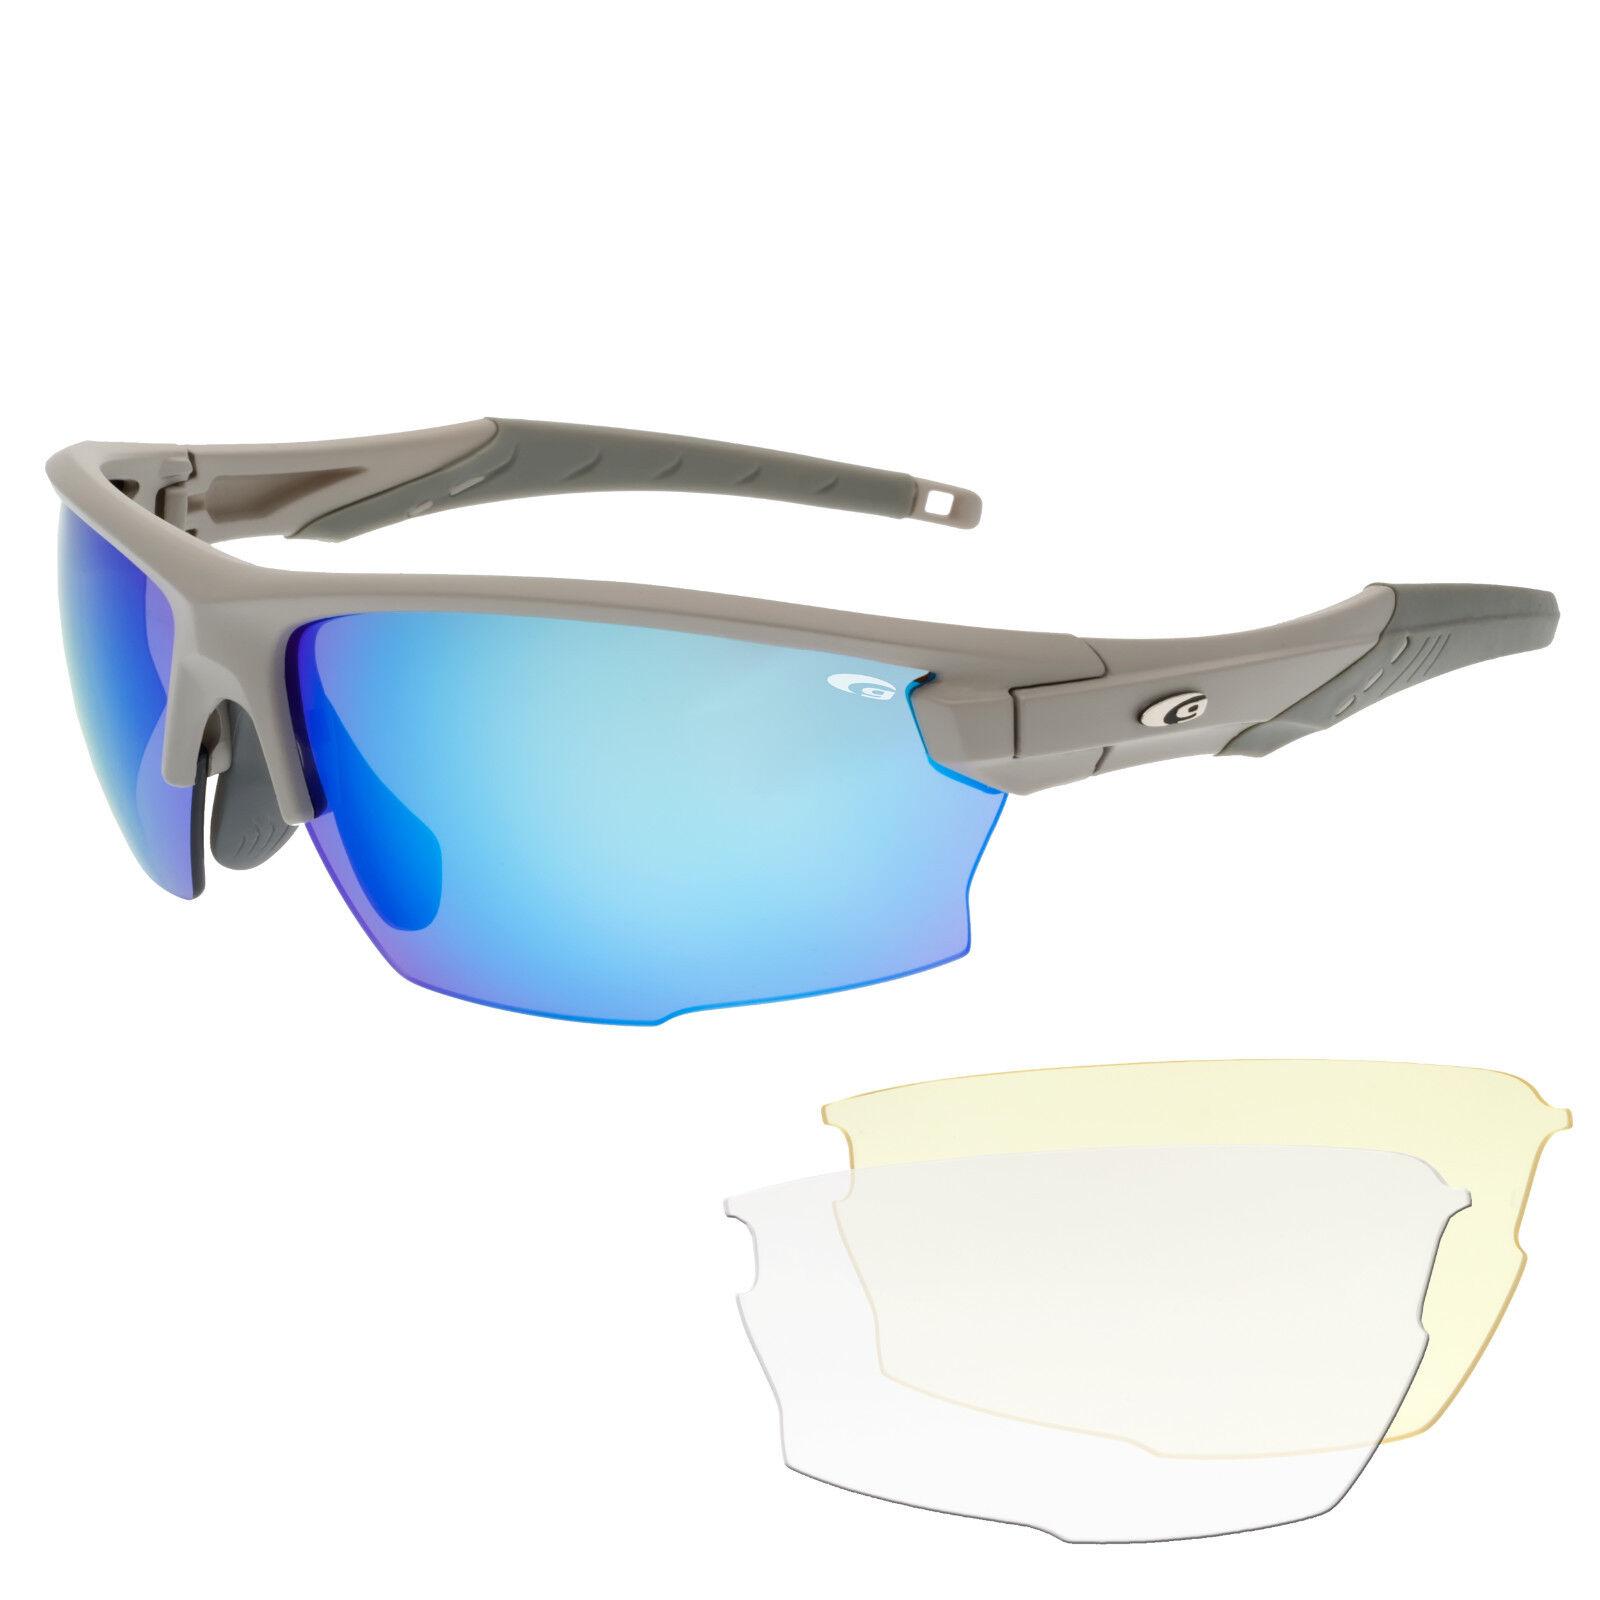 Radbrille Sportbrille Fahrradbrille blau verspiegelt Wechselscheiben klare gelbe